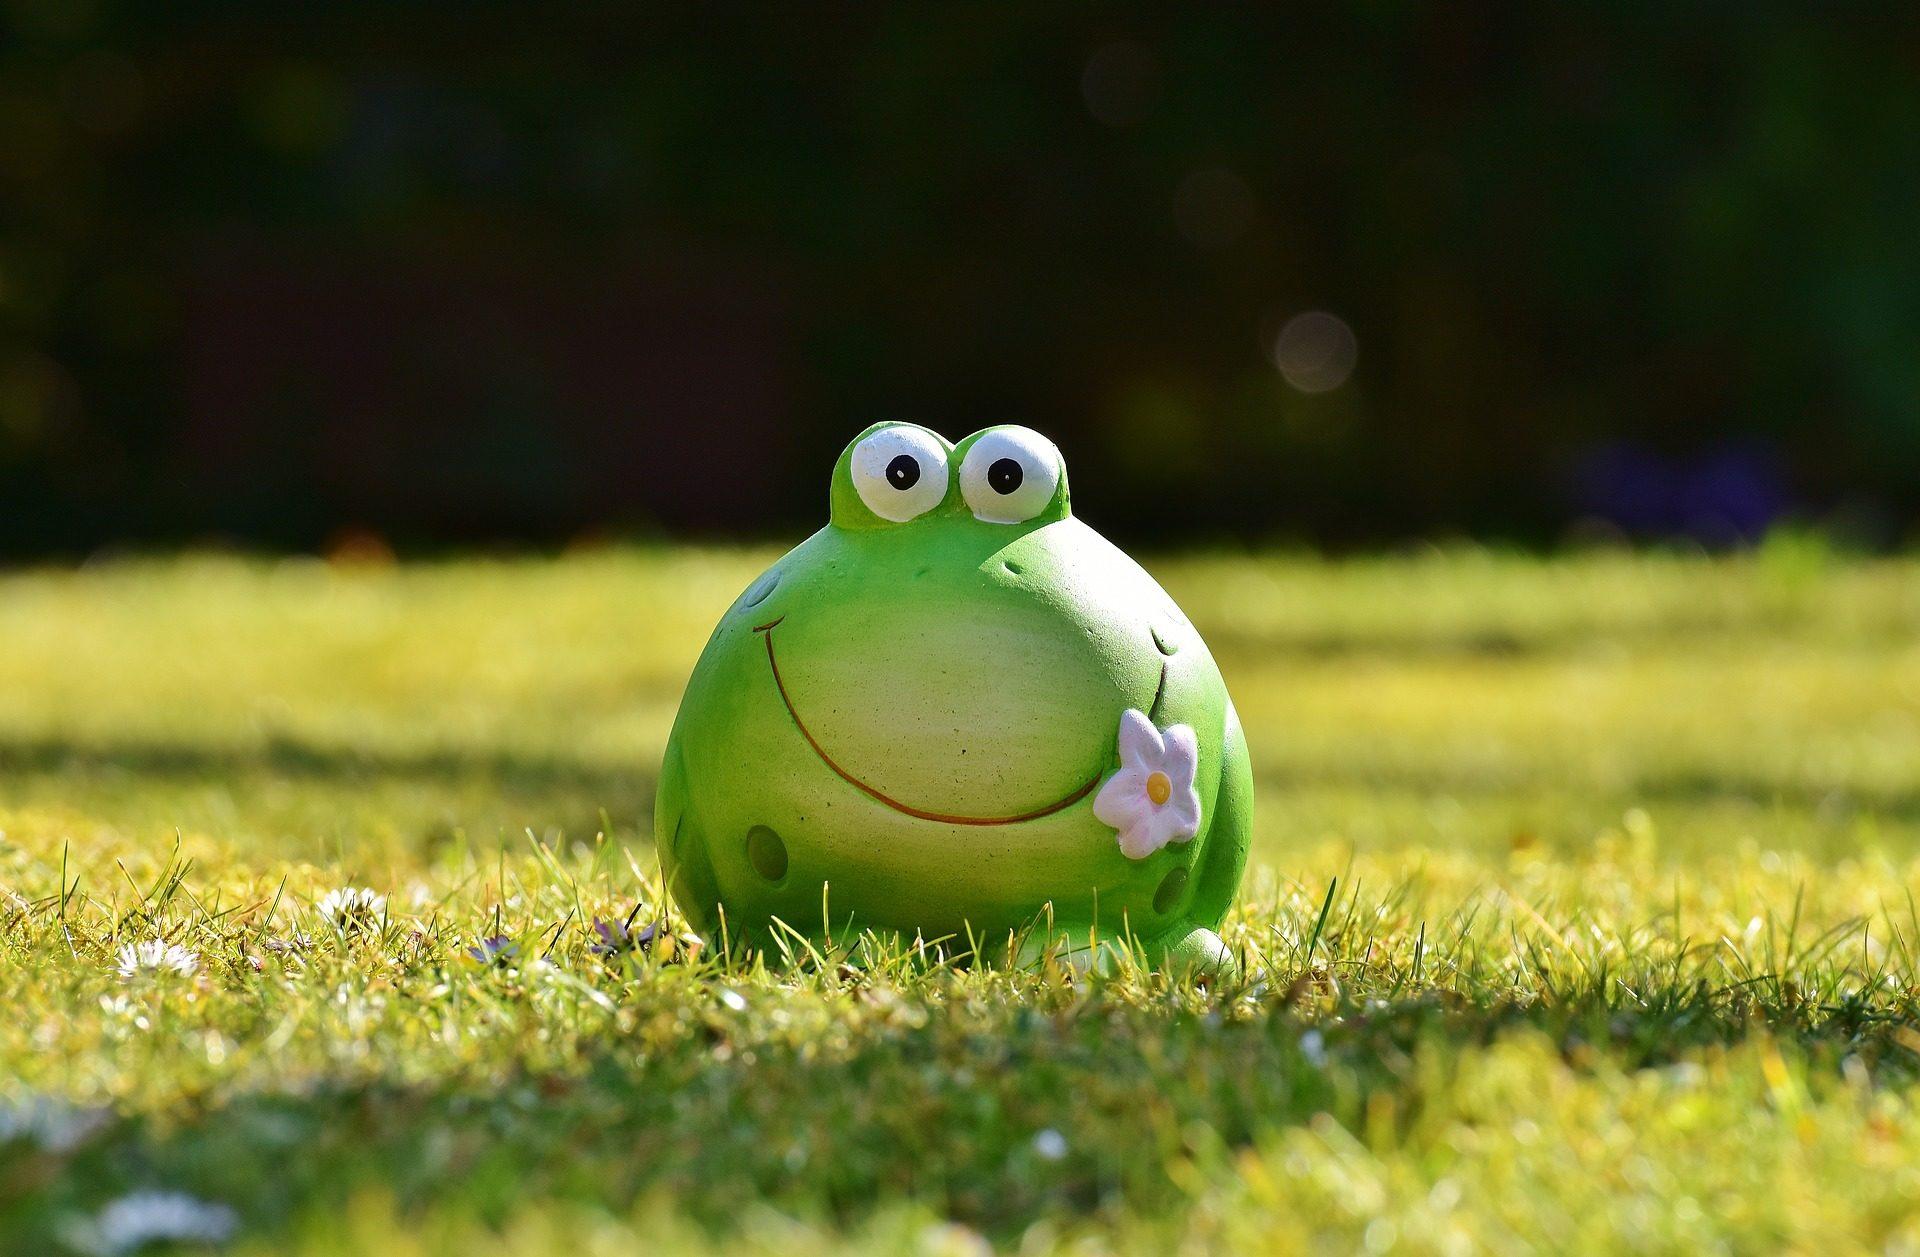 الضفدع, الرقم, حديقة, المرج, زهرة, ابتسامة - خلفيات عالية الدقة - أستاذ falken.com